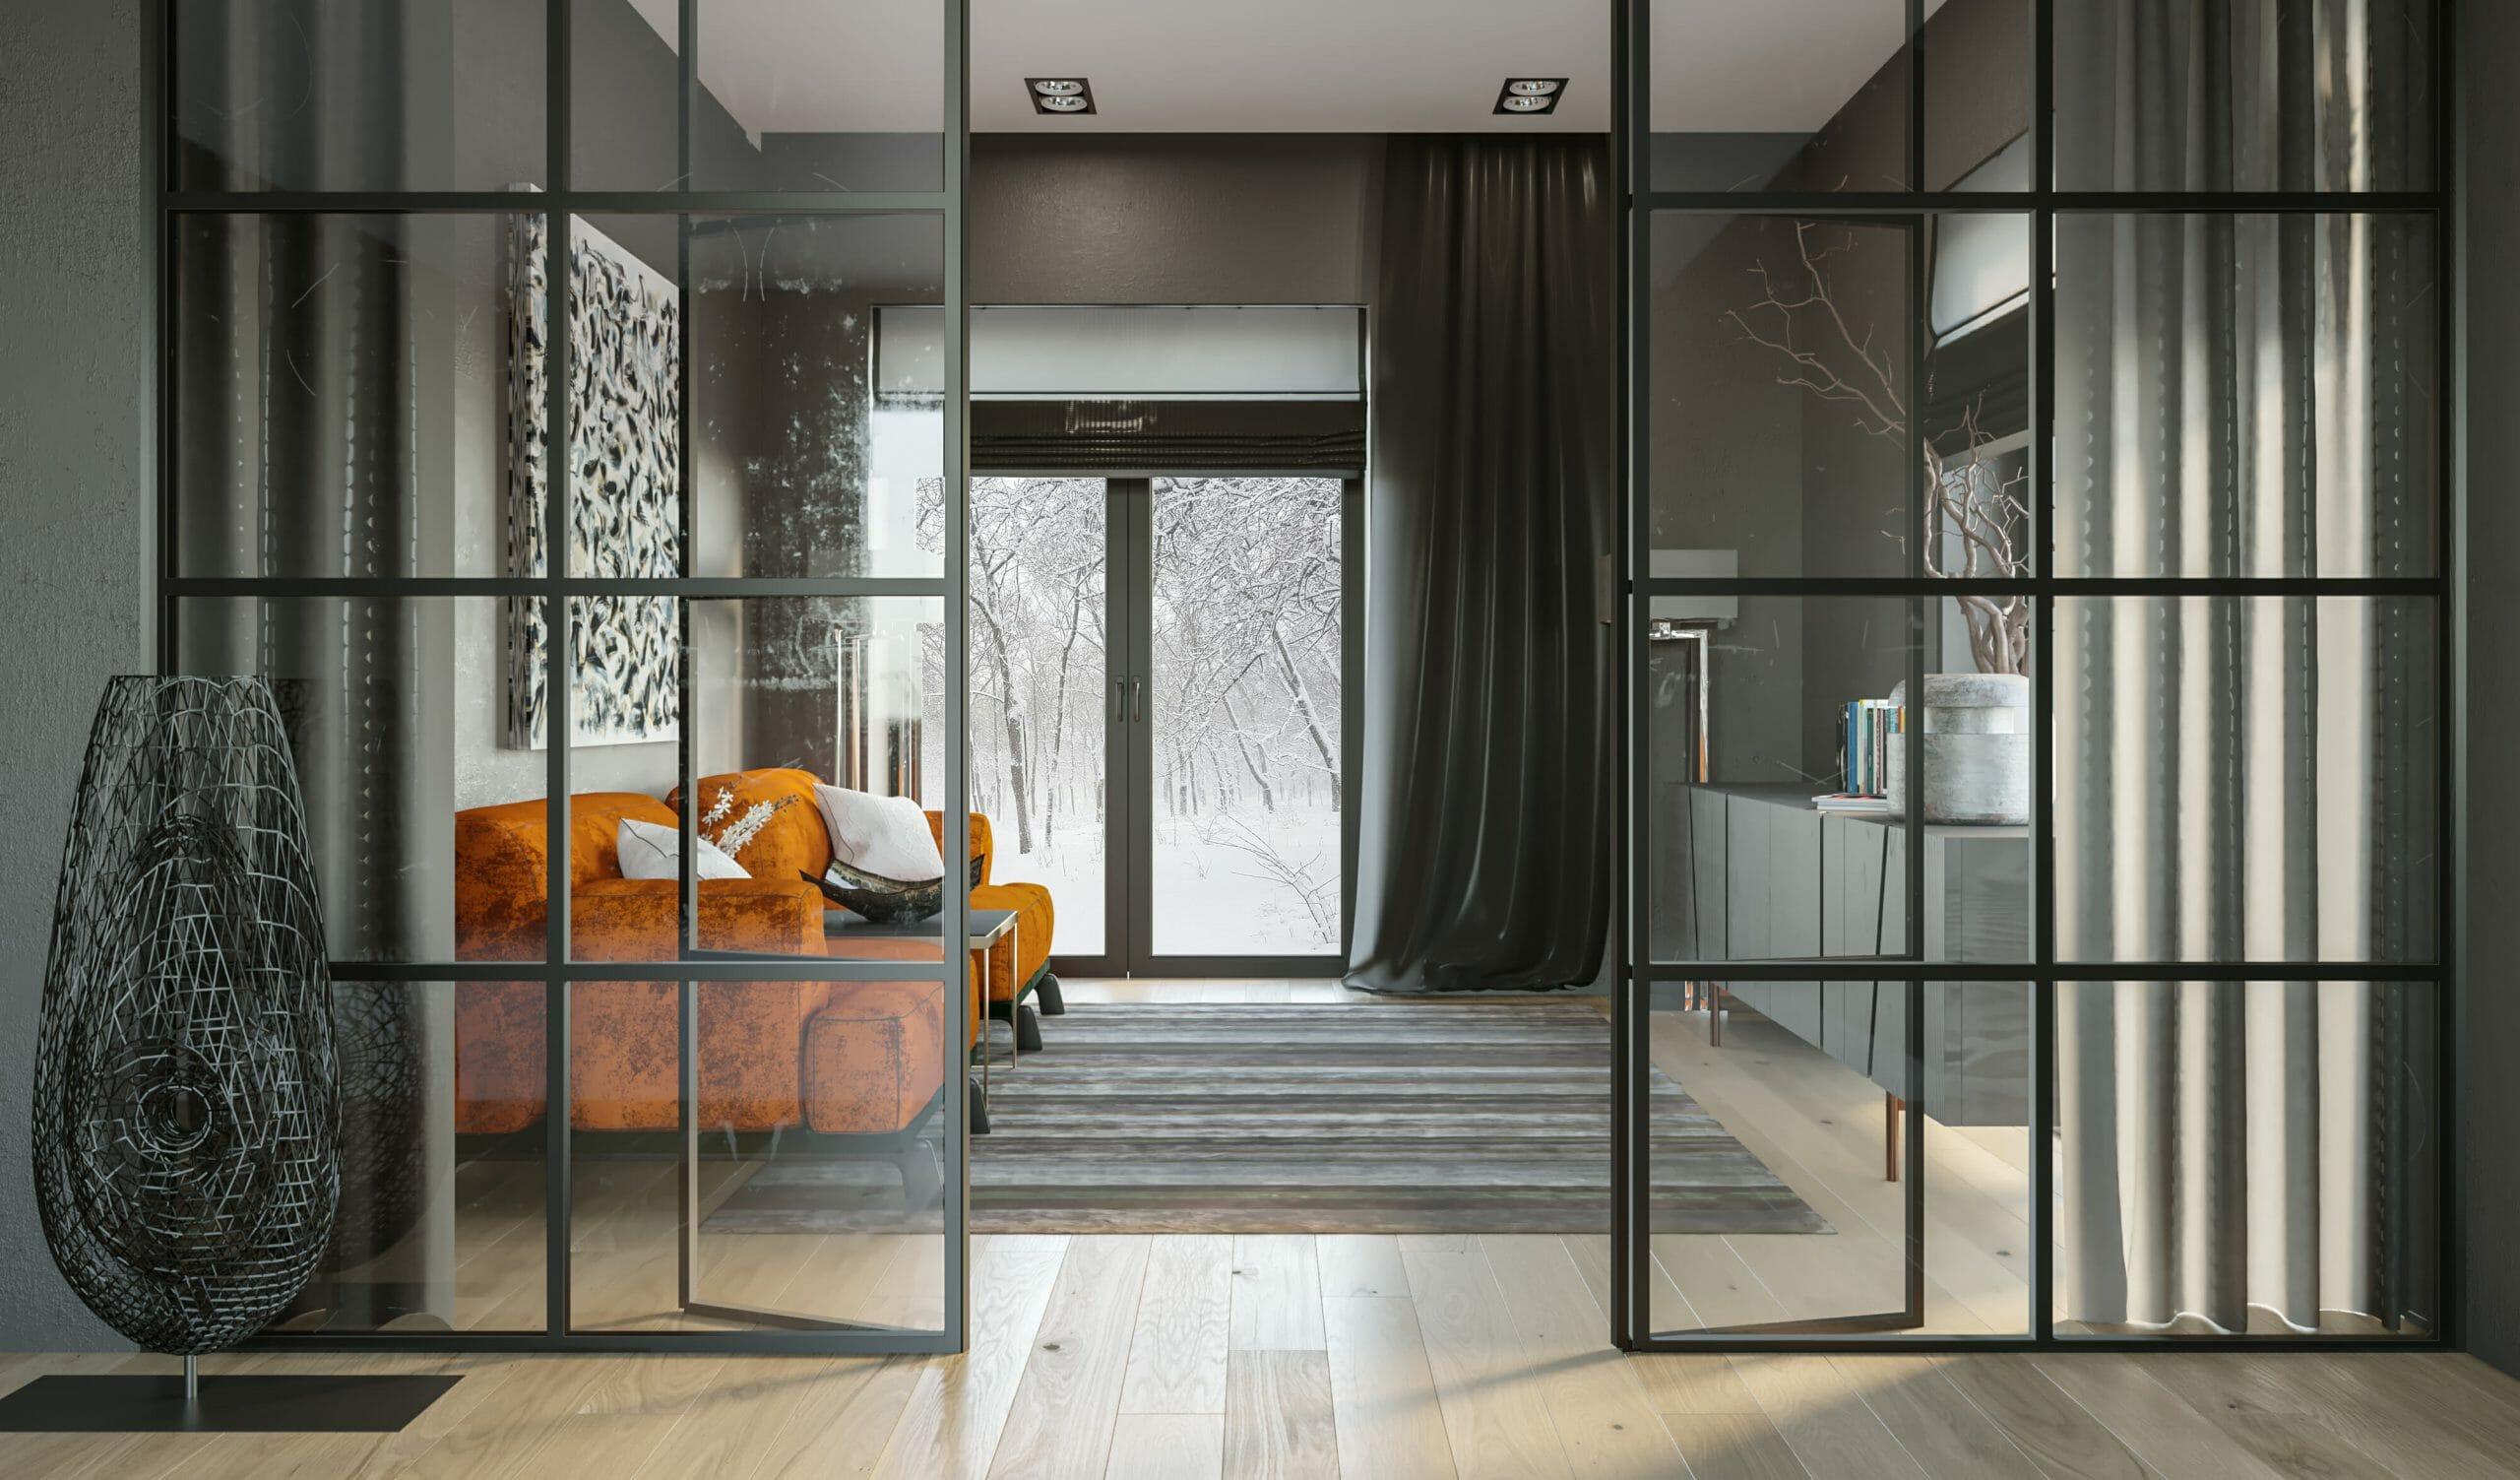 studio apartment layout ideas - decorilla 3d rendering